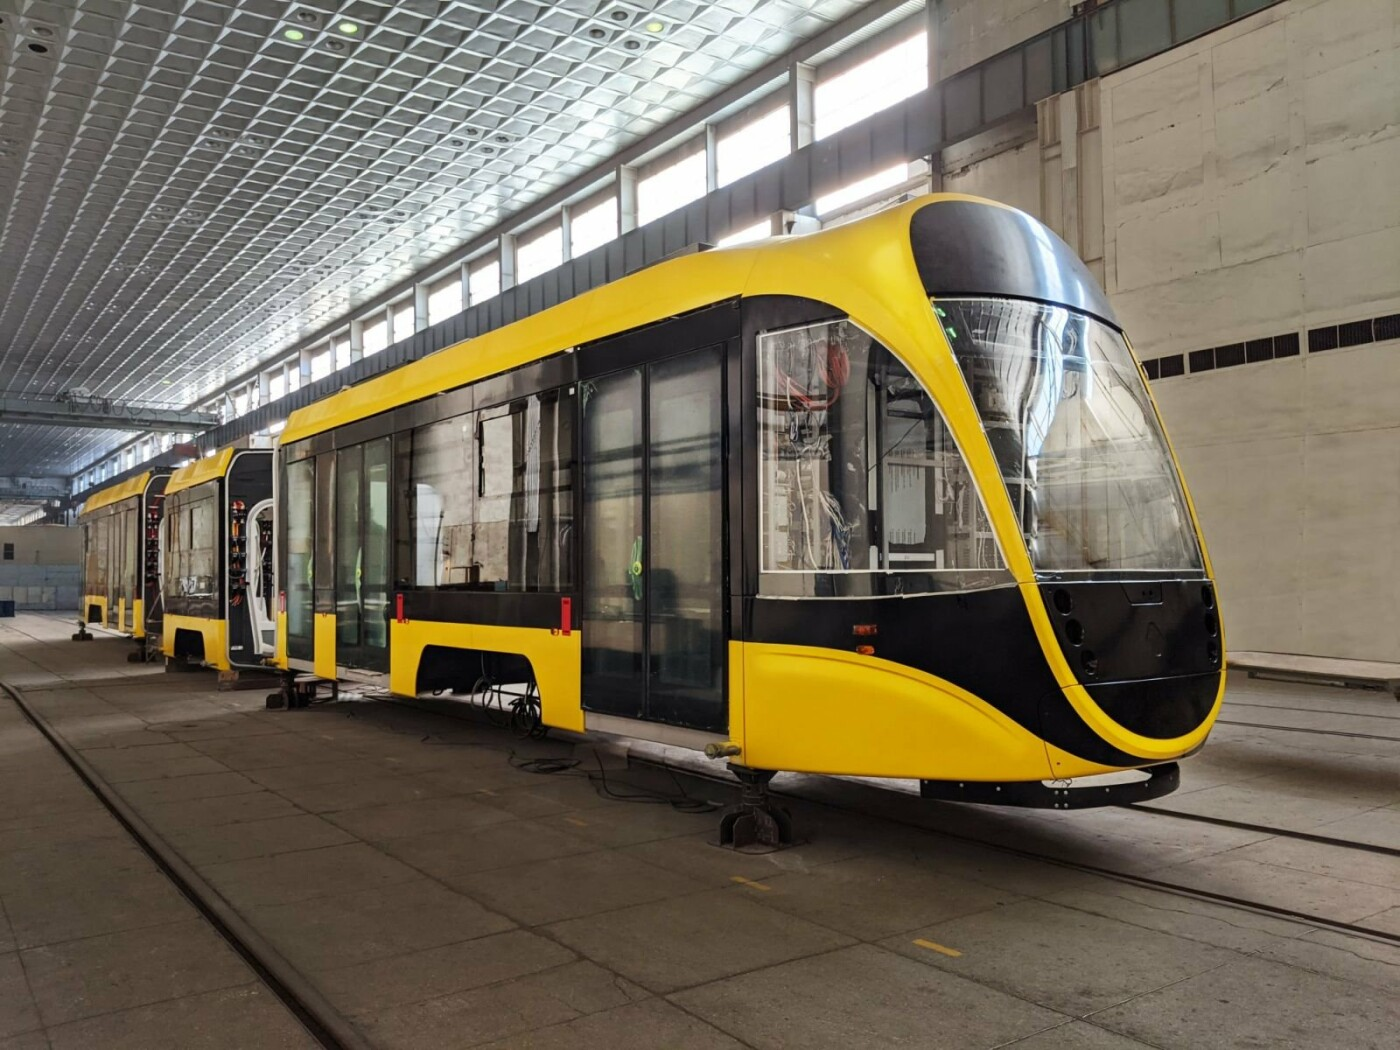 Киев закупит 20 новых одесских трамваев, Фото: сайт Татра-Юг